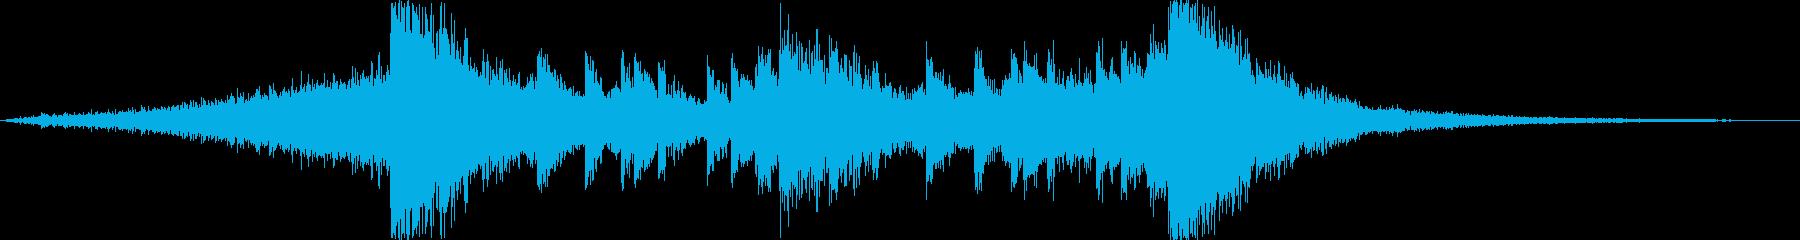 衝撃音のイントロ付きオープニングヒット!の再生済みの波形